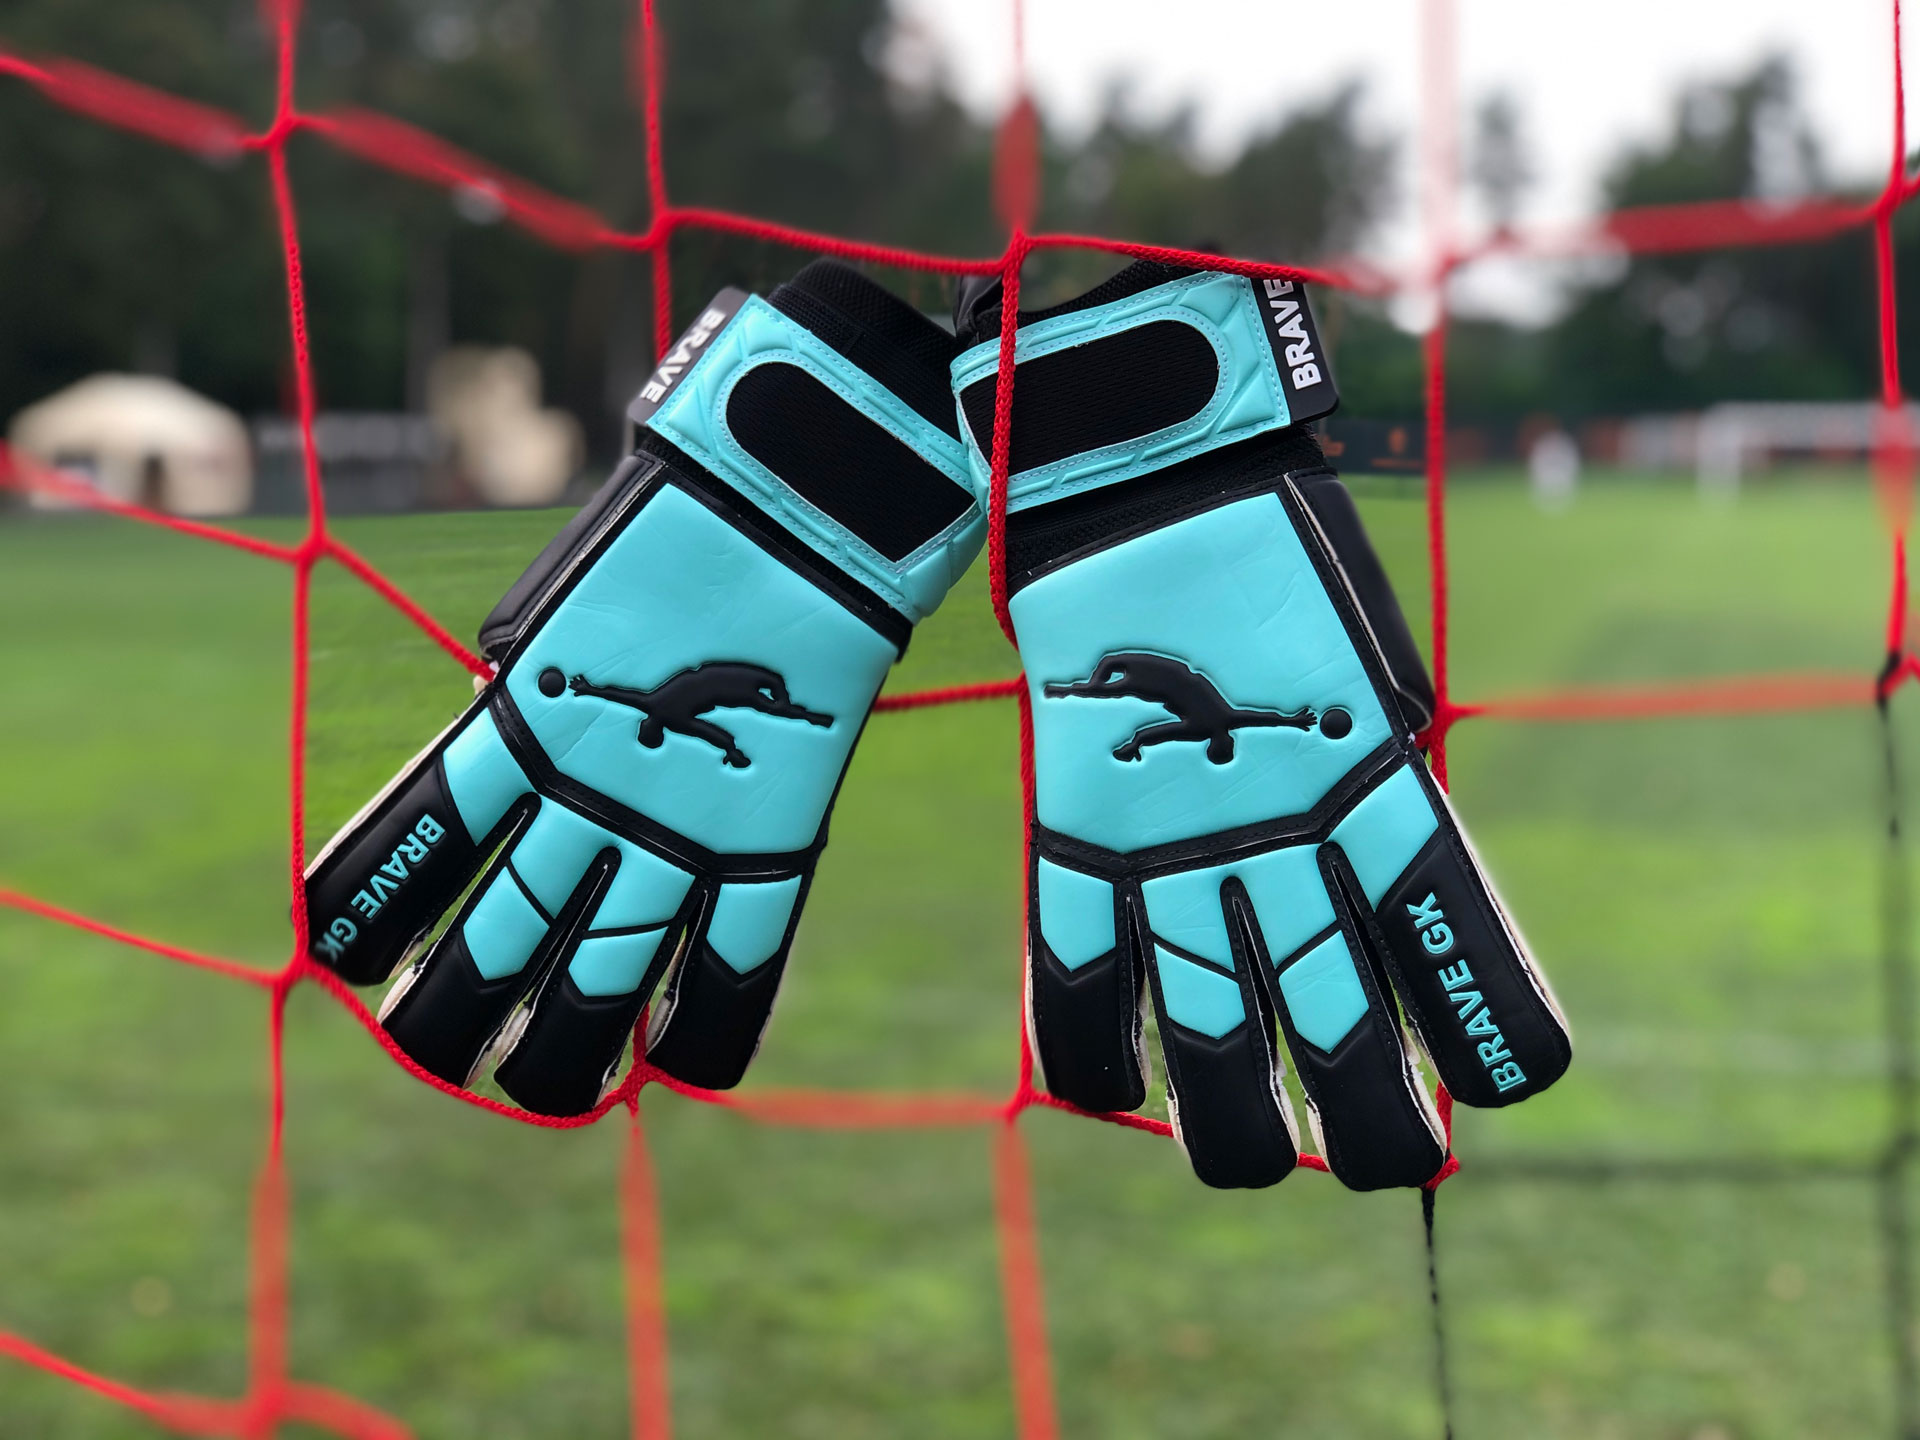 Дитячі воротарські рукавиці Brave GK WINNER-офіційний інтернет магазин Brave GK